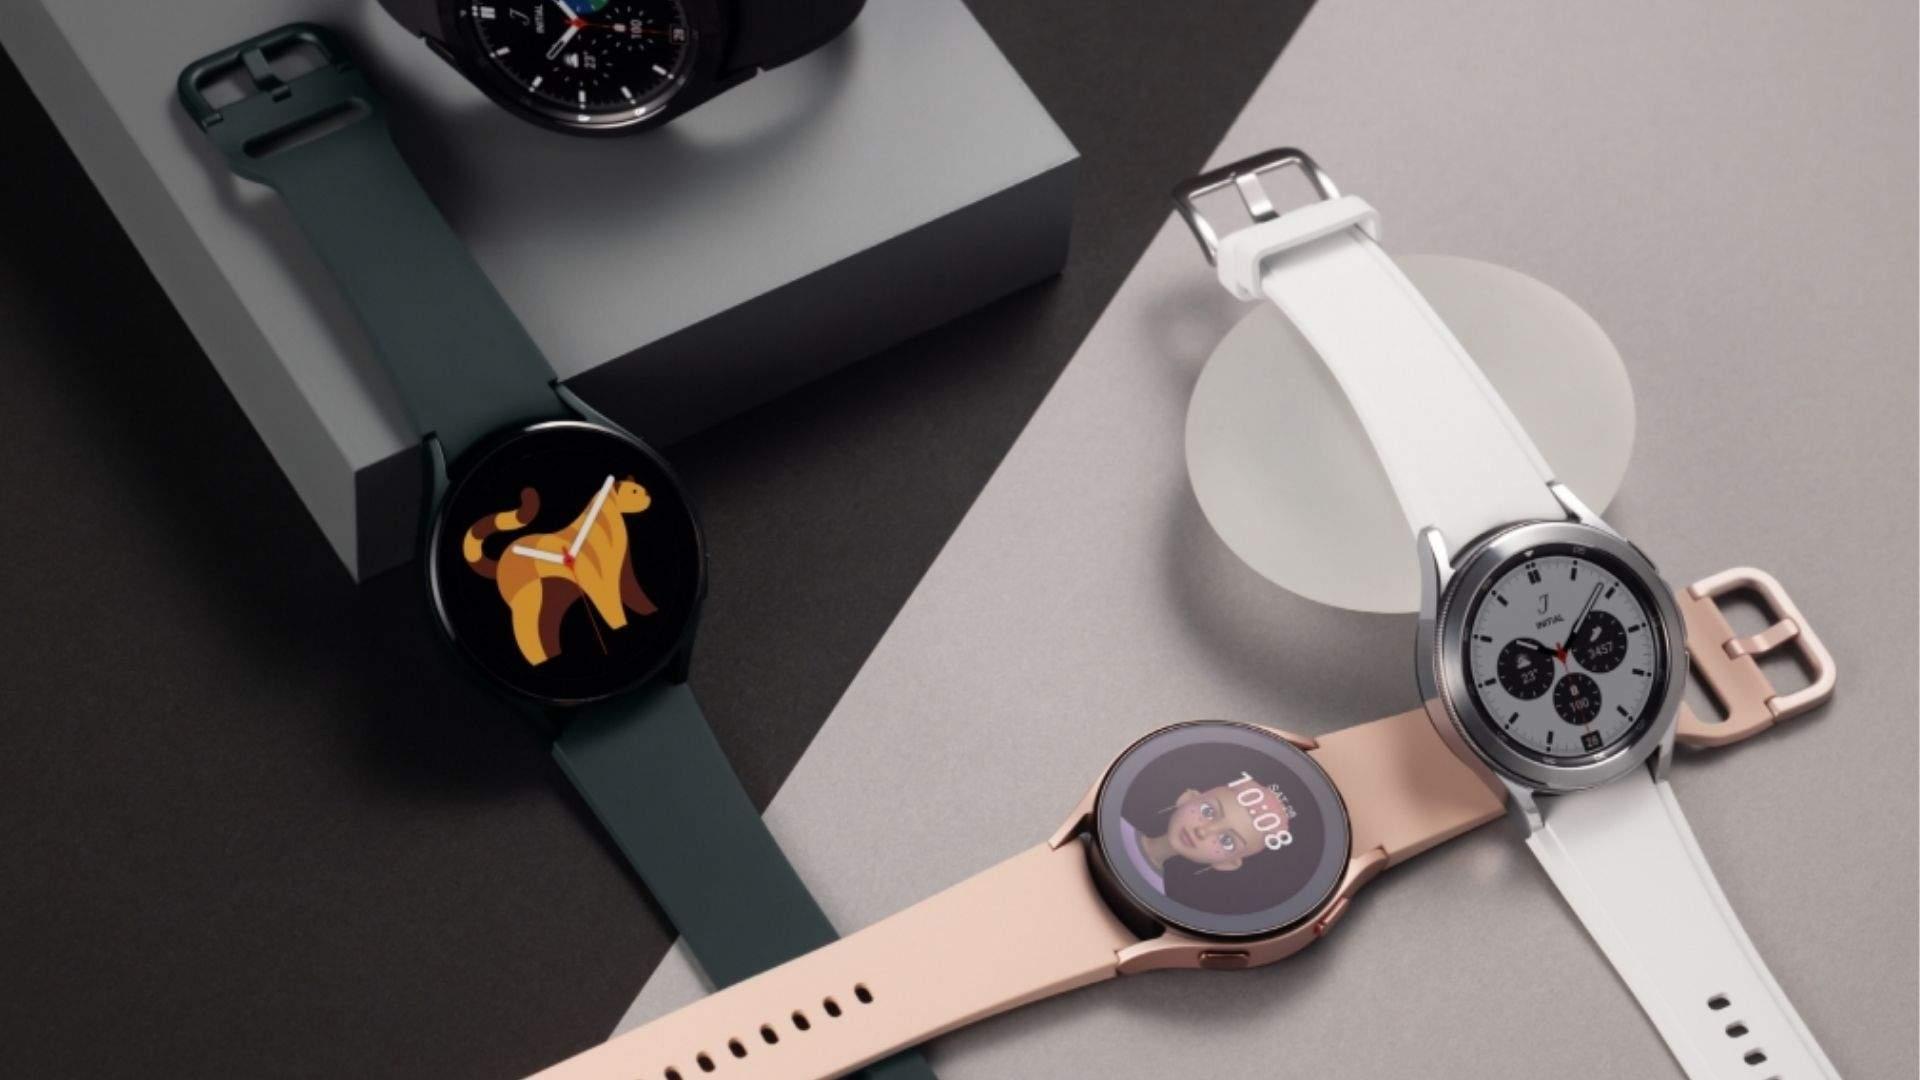 Três modelos de Galaxy Watch 4 nas cores preto, rosa e branco apoiados em uma mesa